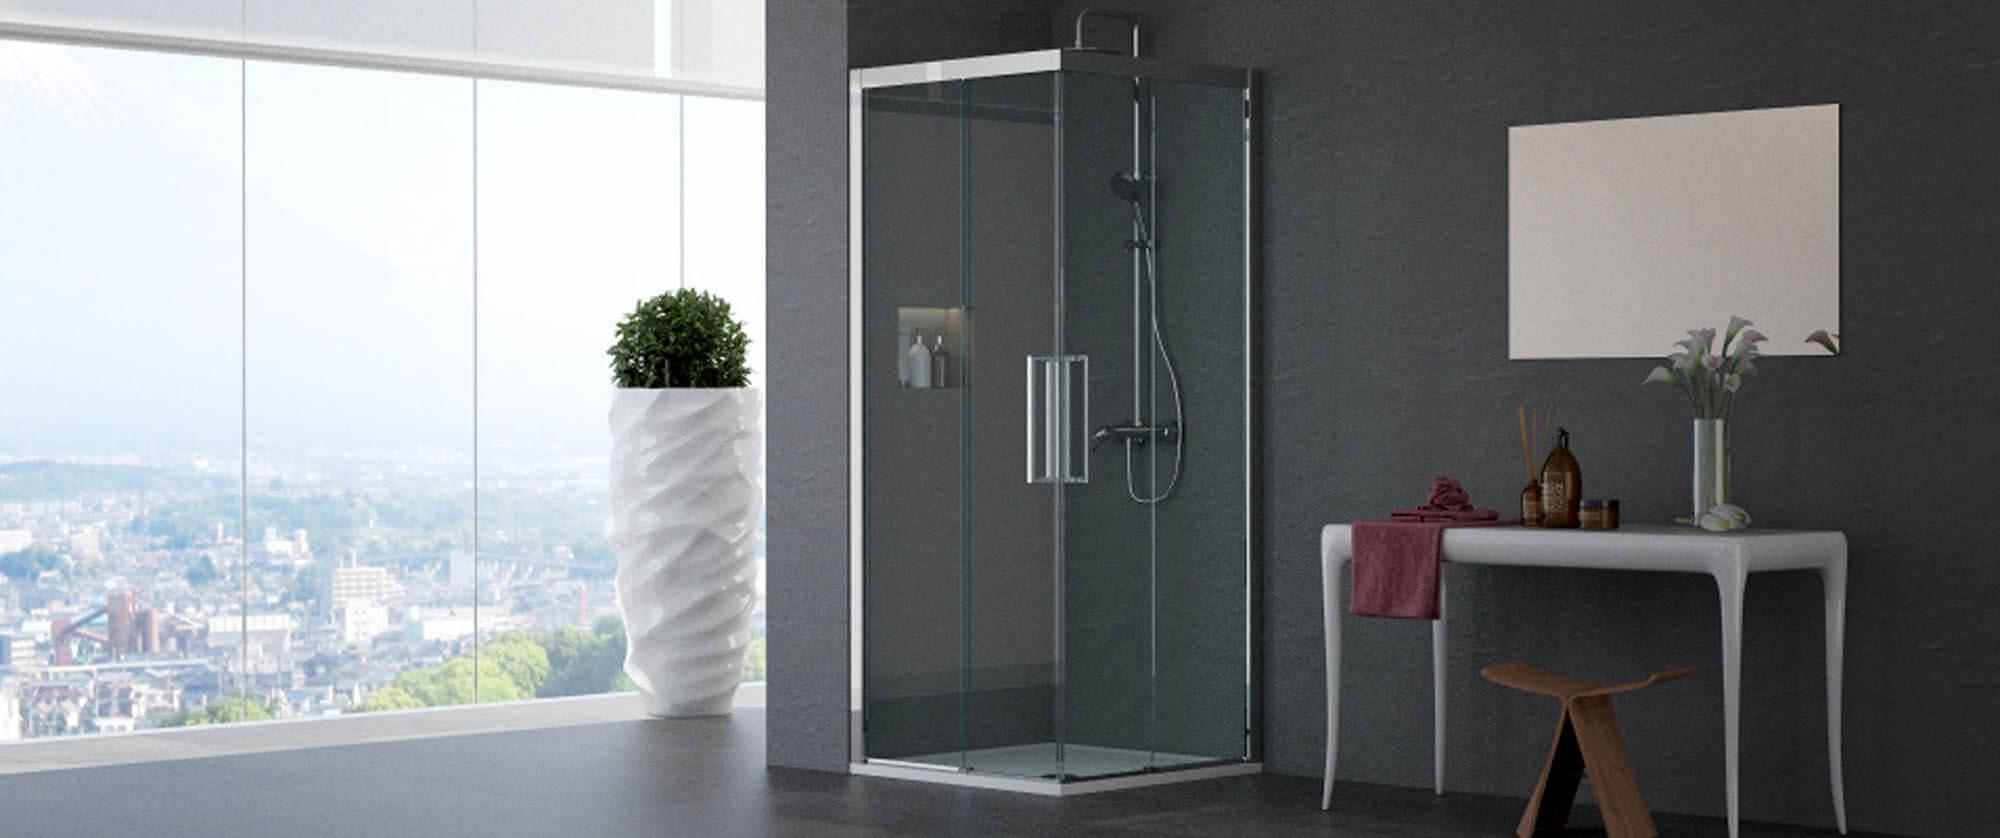 Vendita di box doccia a Collegno Torino